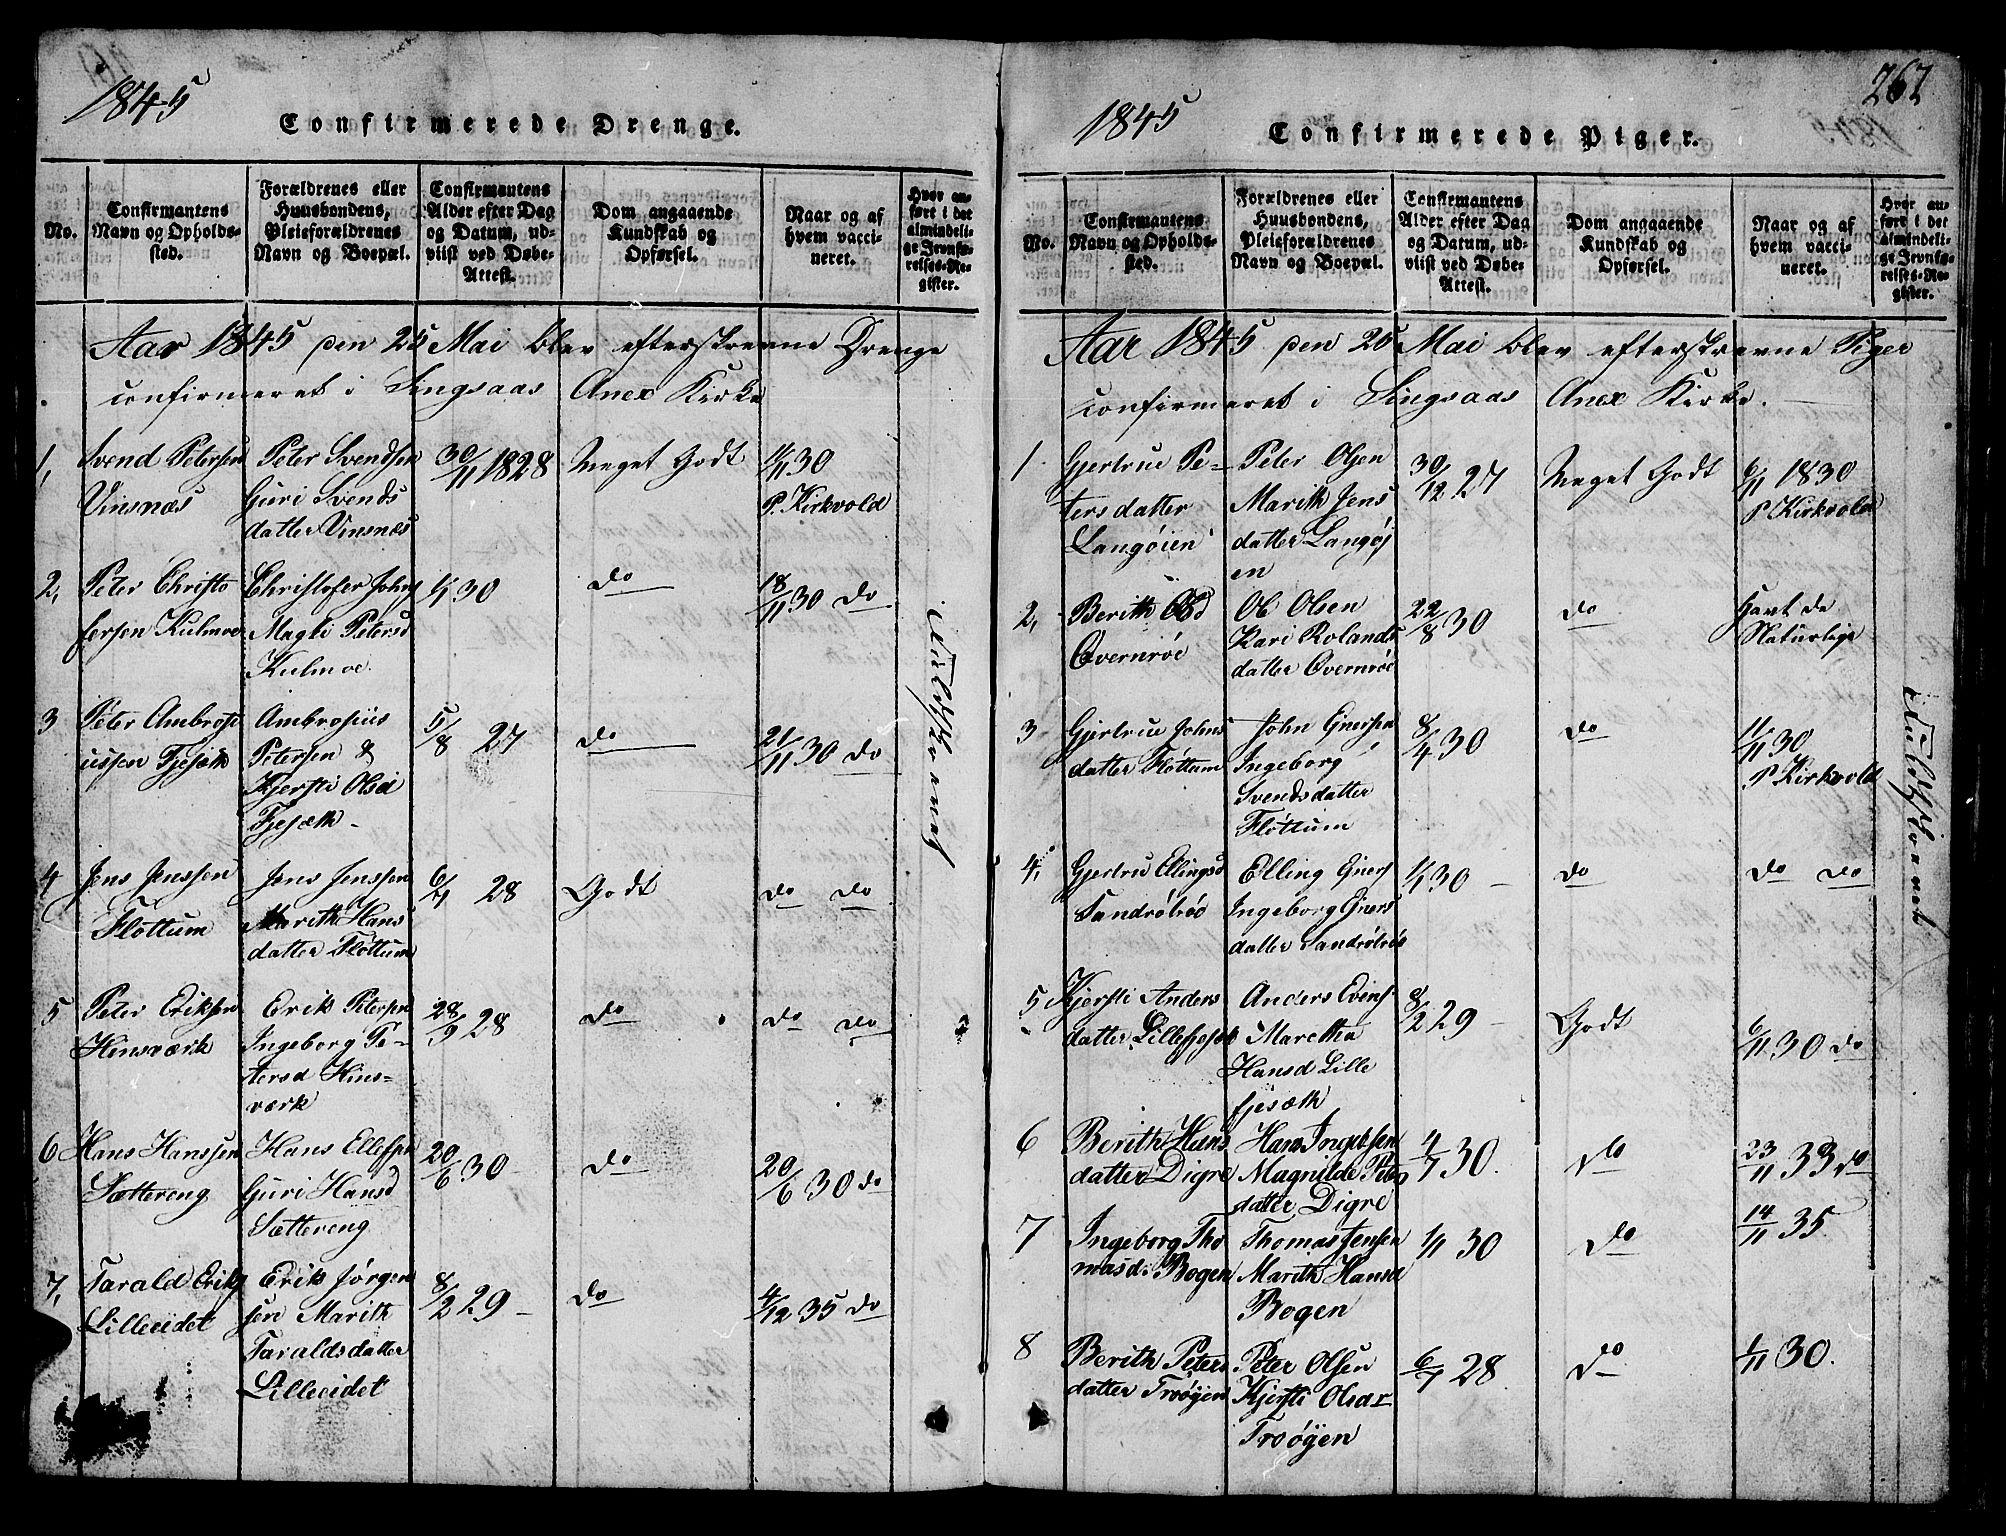 SAT, Ministerialprotokoller, klokkerbøker og fødselsregistre - Sør-Trøndelag, 688/L1026: Klokkerbok nr. 688C01, 1817-1860, s. 262